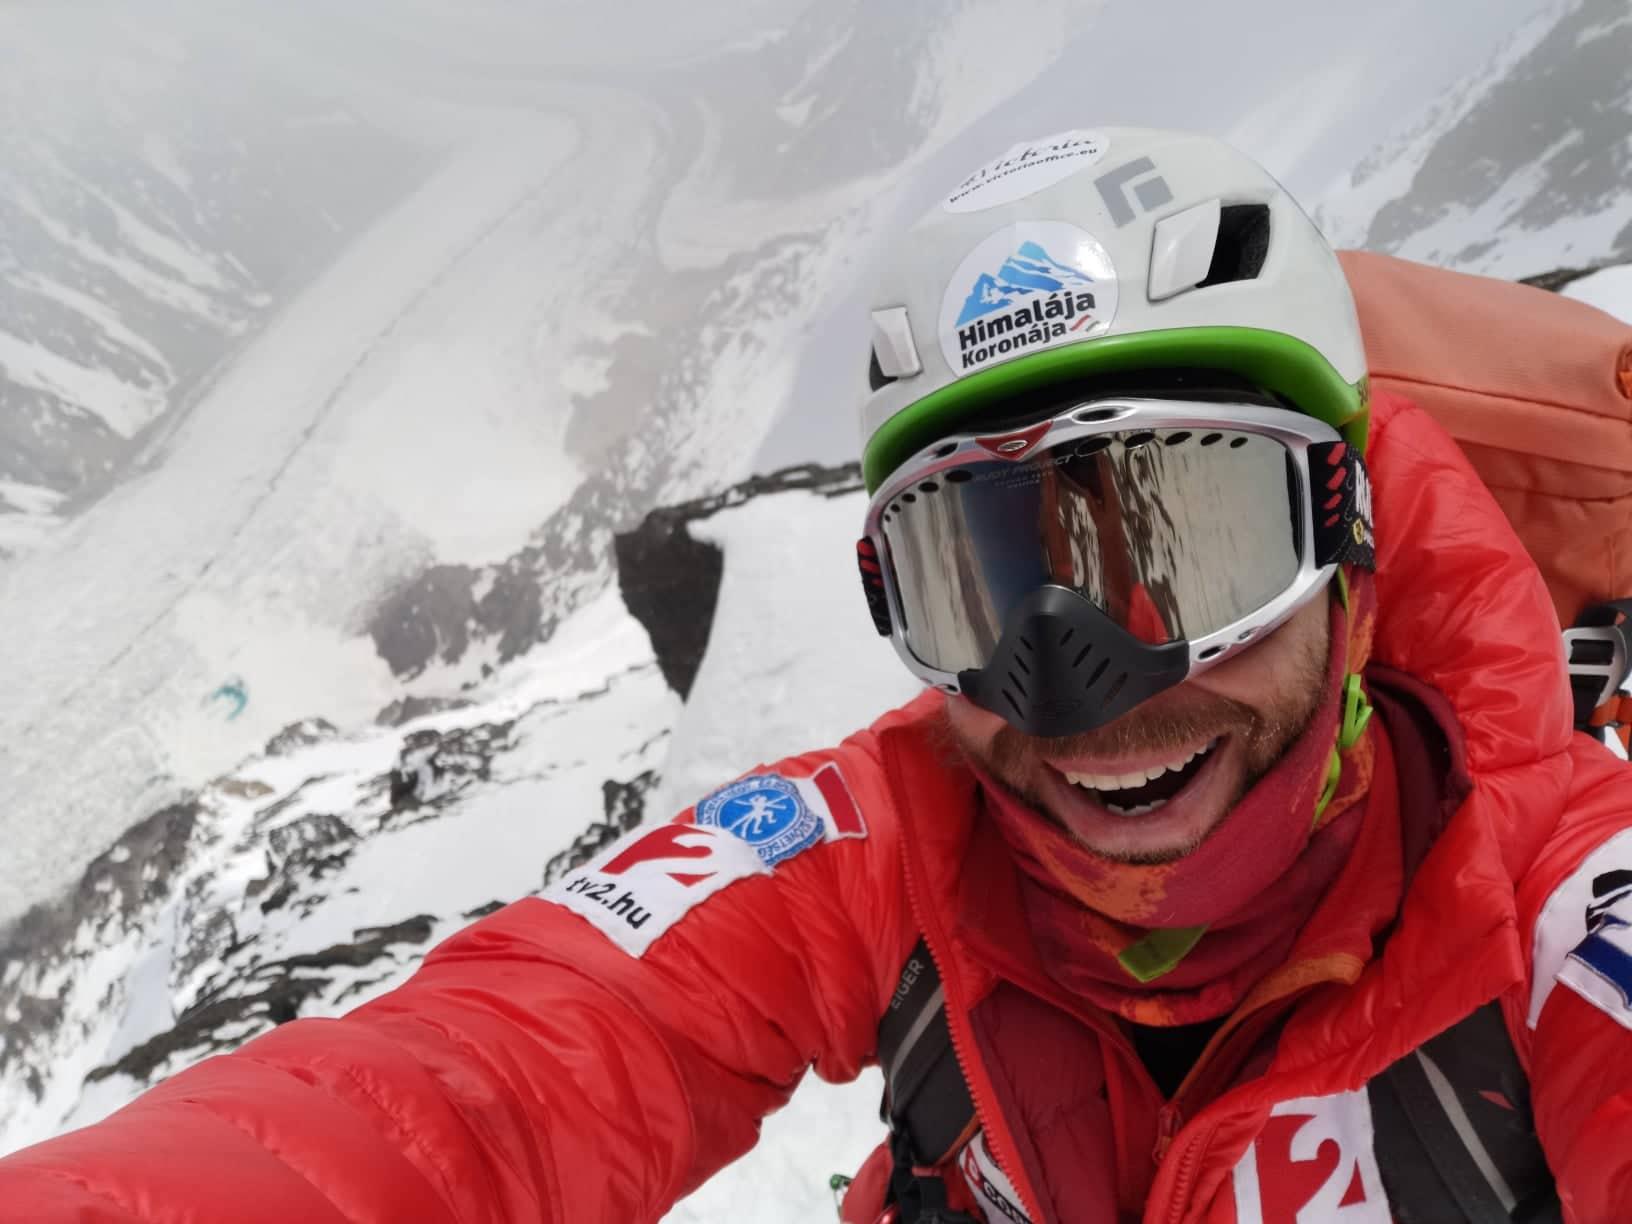 Suhajda Szilárd Forrás: Magyar K2 Expedíció